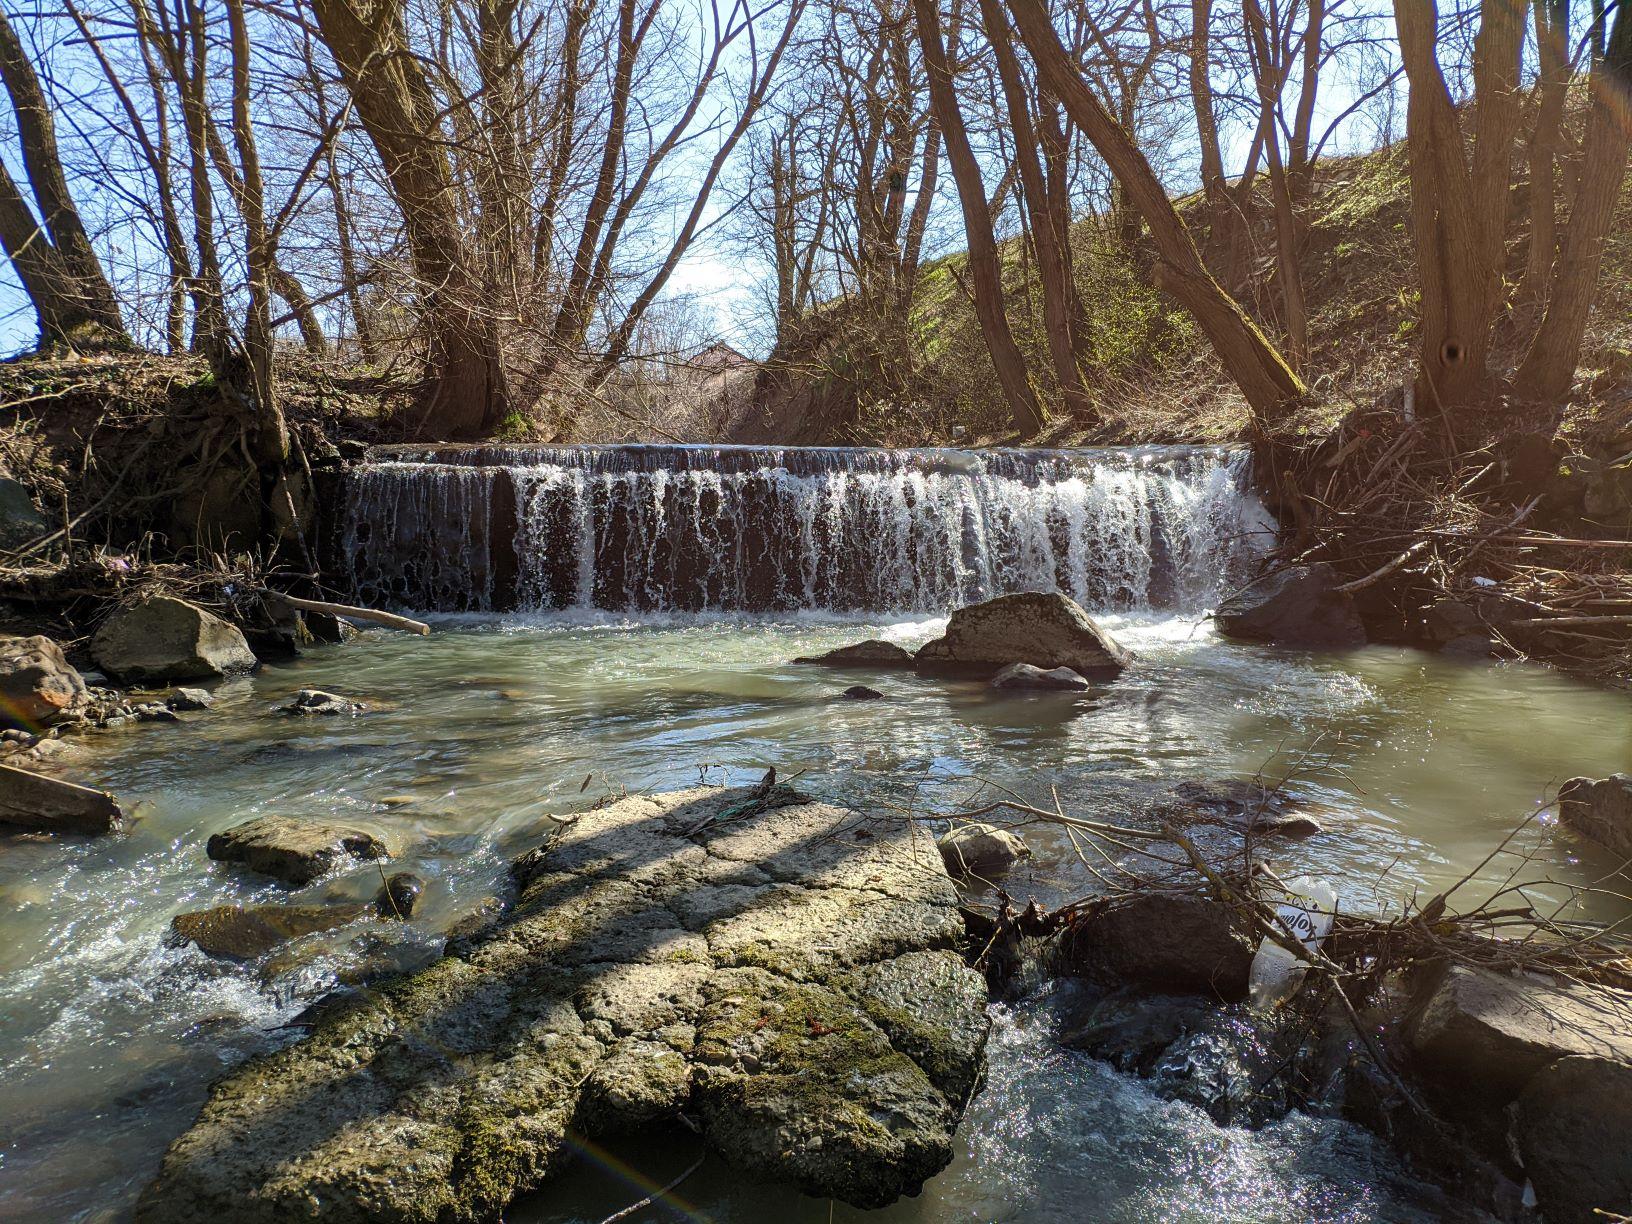 Odstránenie bariéry na rieke Hučava možno podporiť aj na crowdfundingovom webe Remove the Dams in Europe. Hučava pramení pod Veľkou Poľanou, okrem rybej populácie sa tu vyskytuje i rak riečny a vydra riečna. Stupeň predstavuje prekážku nielen pre voľne žijúce vodné organizmy ale aj prirodzený tok sedimentov a rozpustných látok. Foto: Miro Očadlík